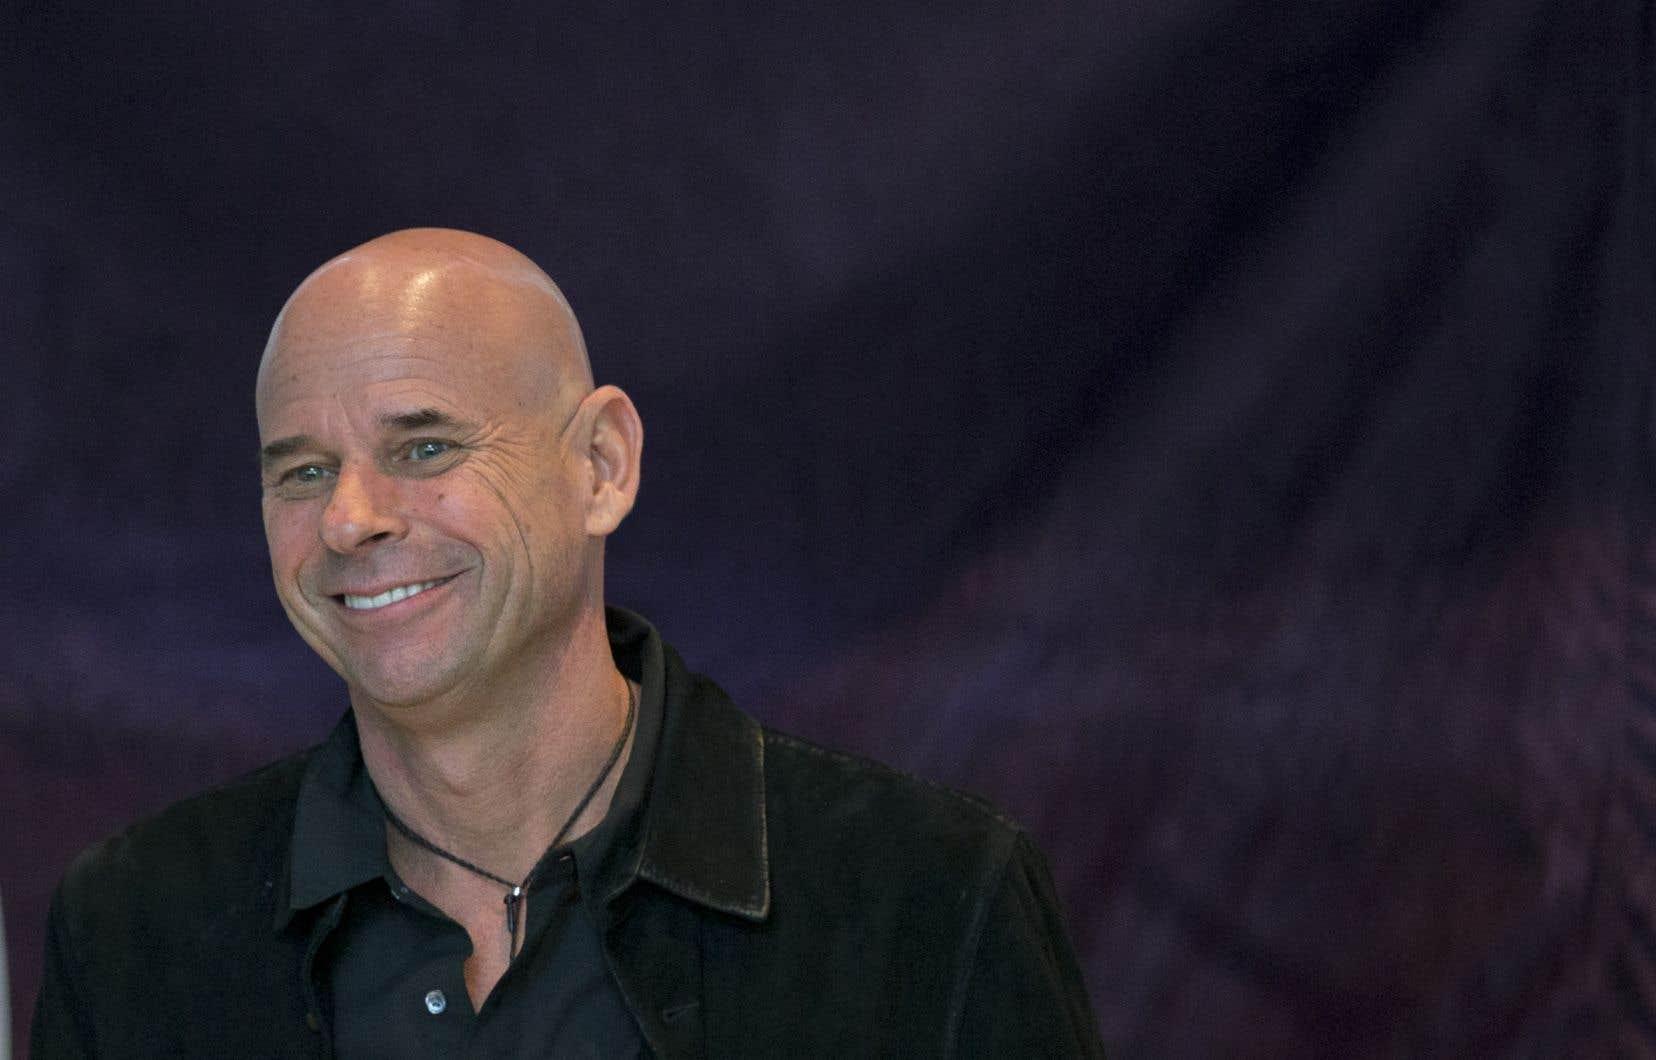 Guy Laliberté s'est surtout fait connaître pour avoir fondé le Cirque du Soleil en 1984, mais aussi pour avoir fait du tourisme spatial à bord de la Station spatiale internationale en 2009.